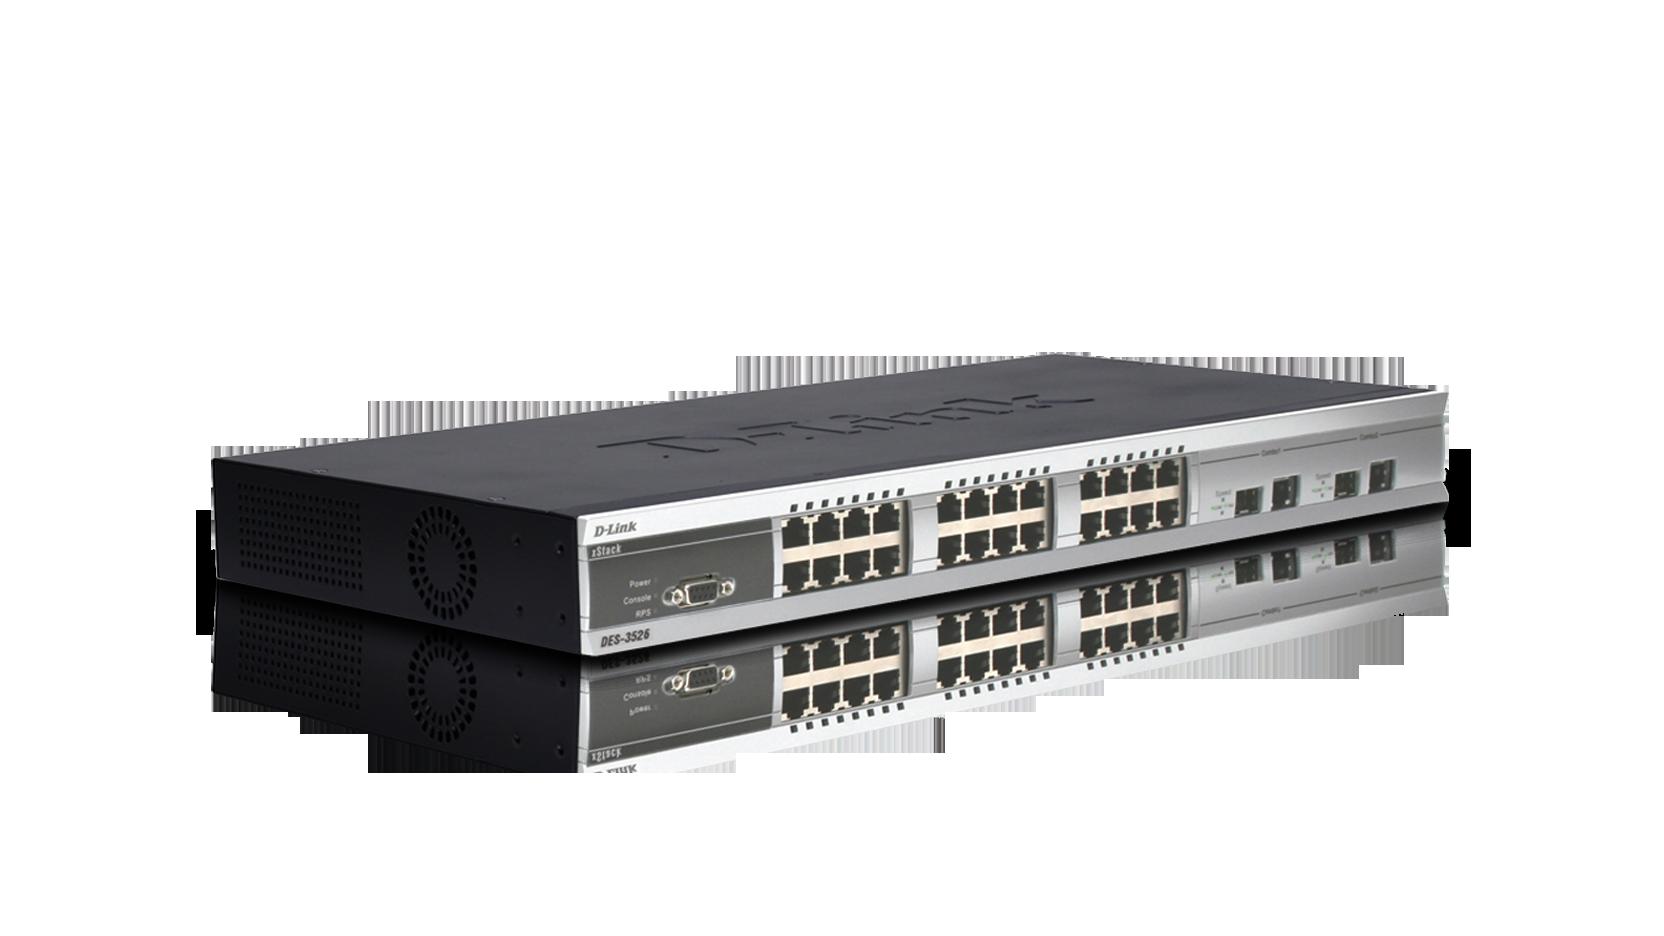 D-Link DES-3526 Switch Drivers (2019)